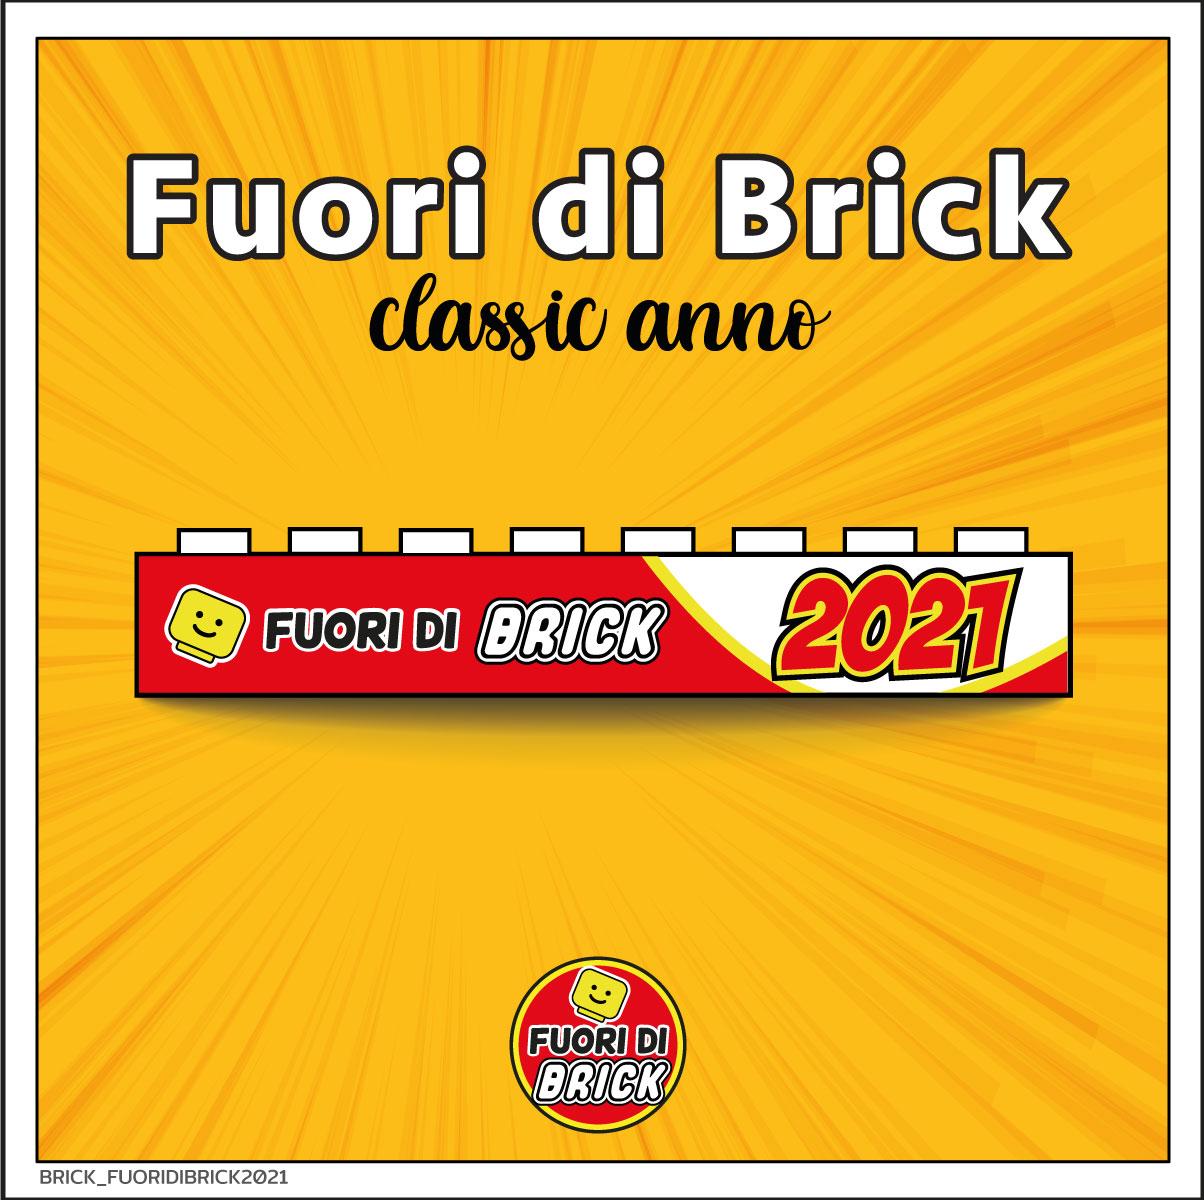 BRICK 1X8_FUORI DI BRICK_CLASSIC ANNO